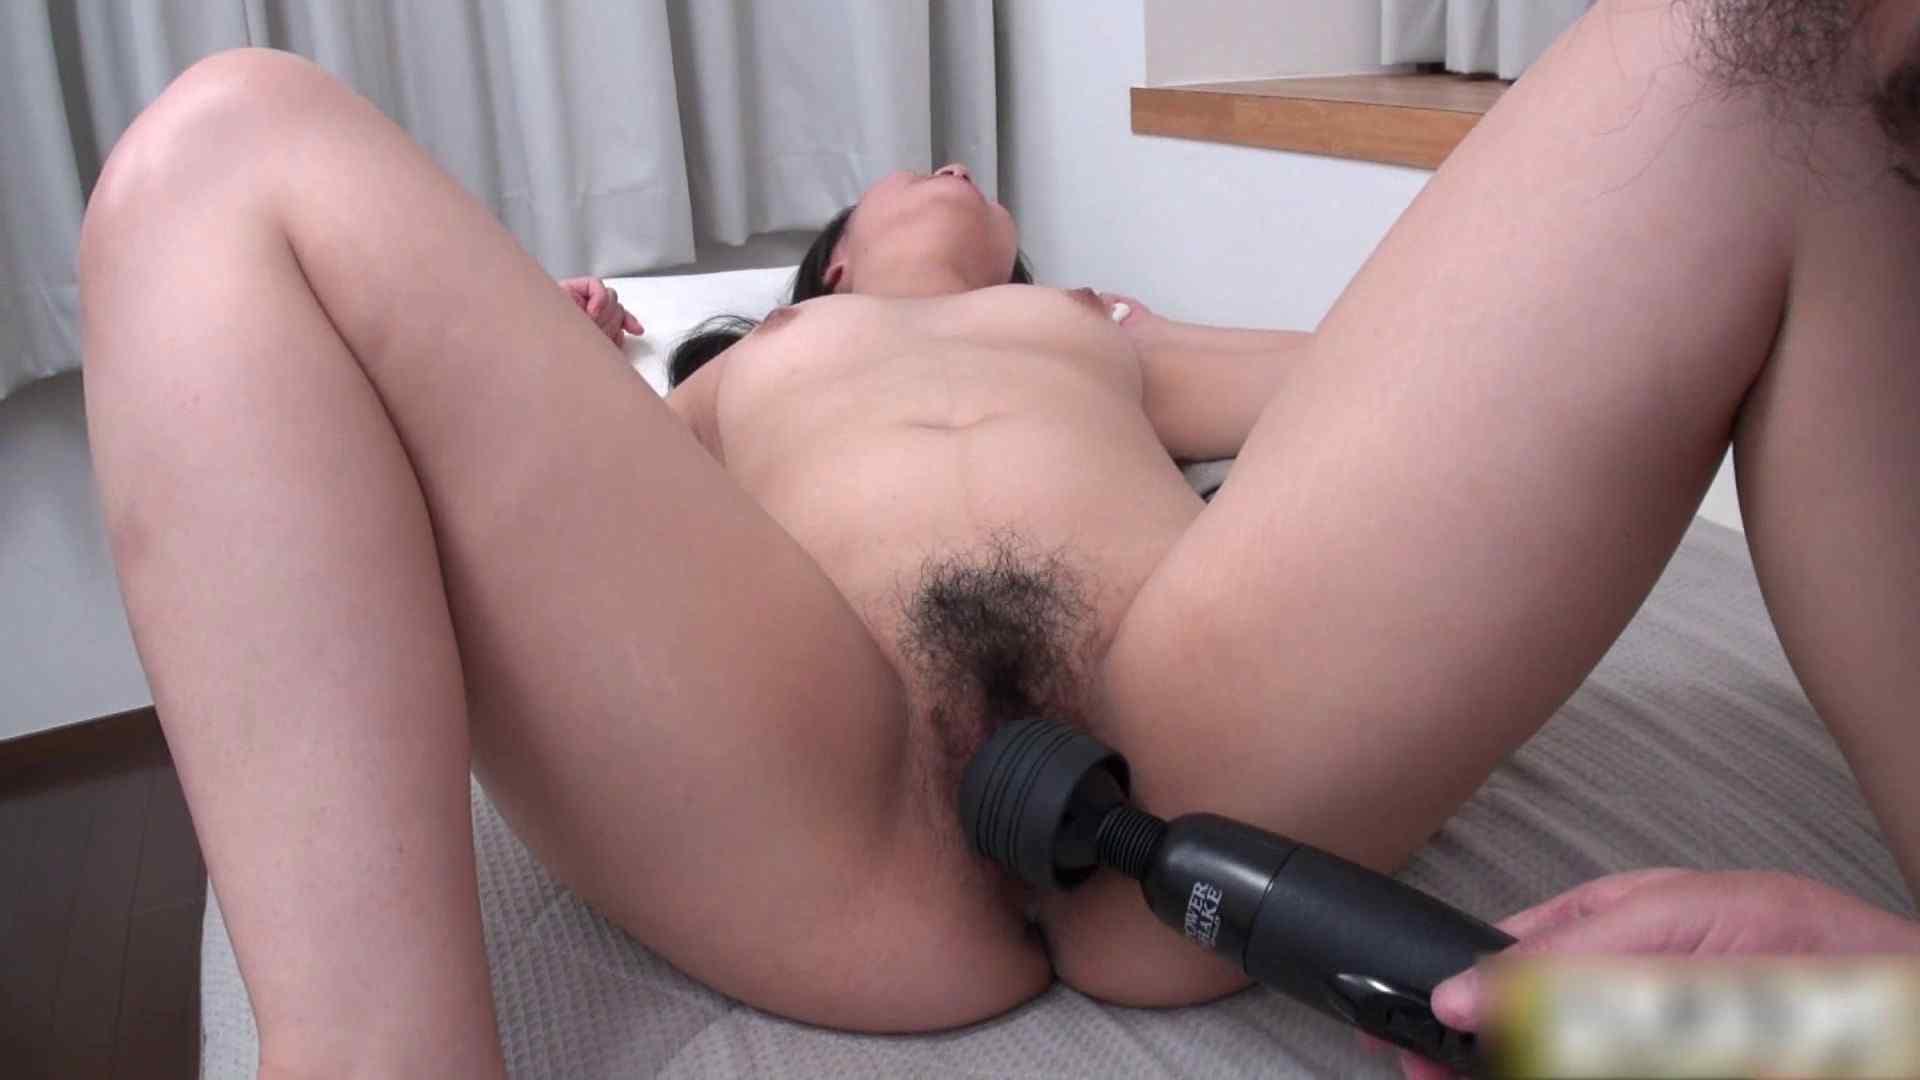 おしえてギャル子のH塾 Vol.12 前編 OLのエッチ おまんこ動画流出 56pic 47